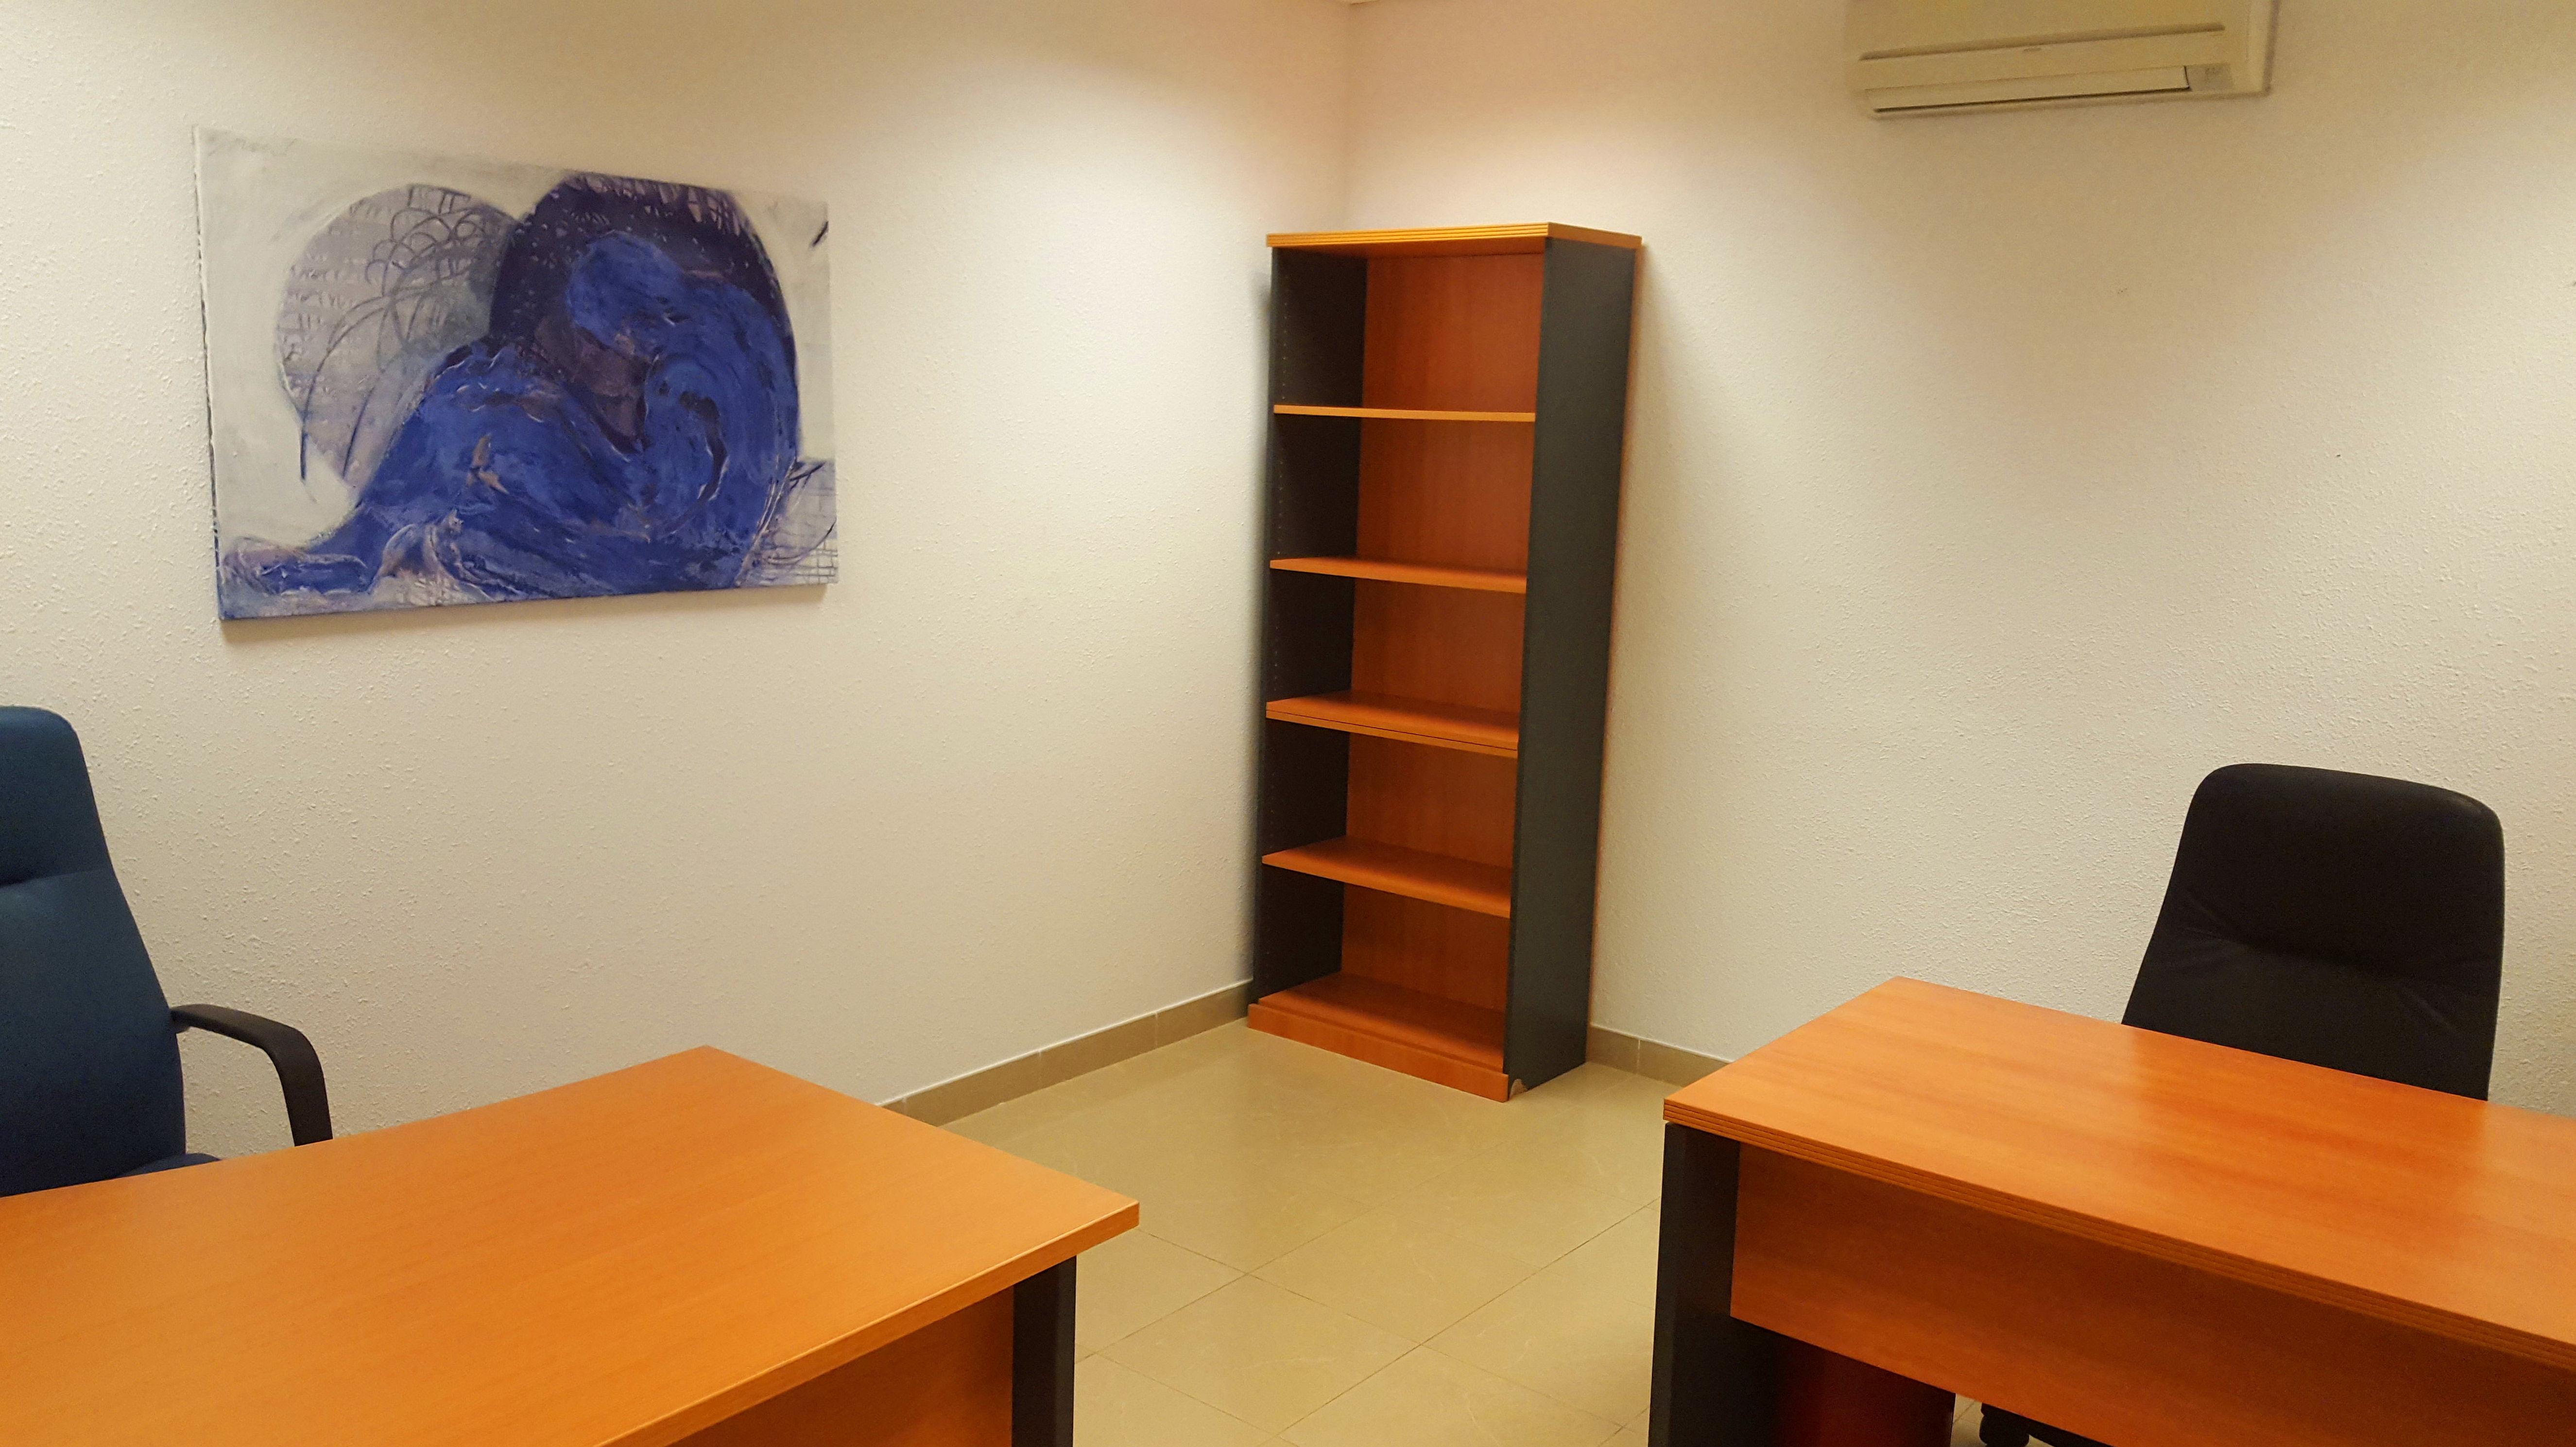 Foto 11 de Alquiler salas totalmente equipadas en Palma de Mallorca | Centro de negocios Son Castelló